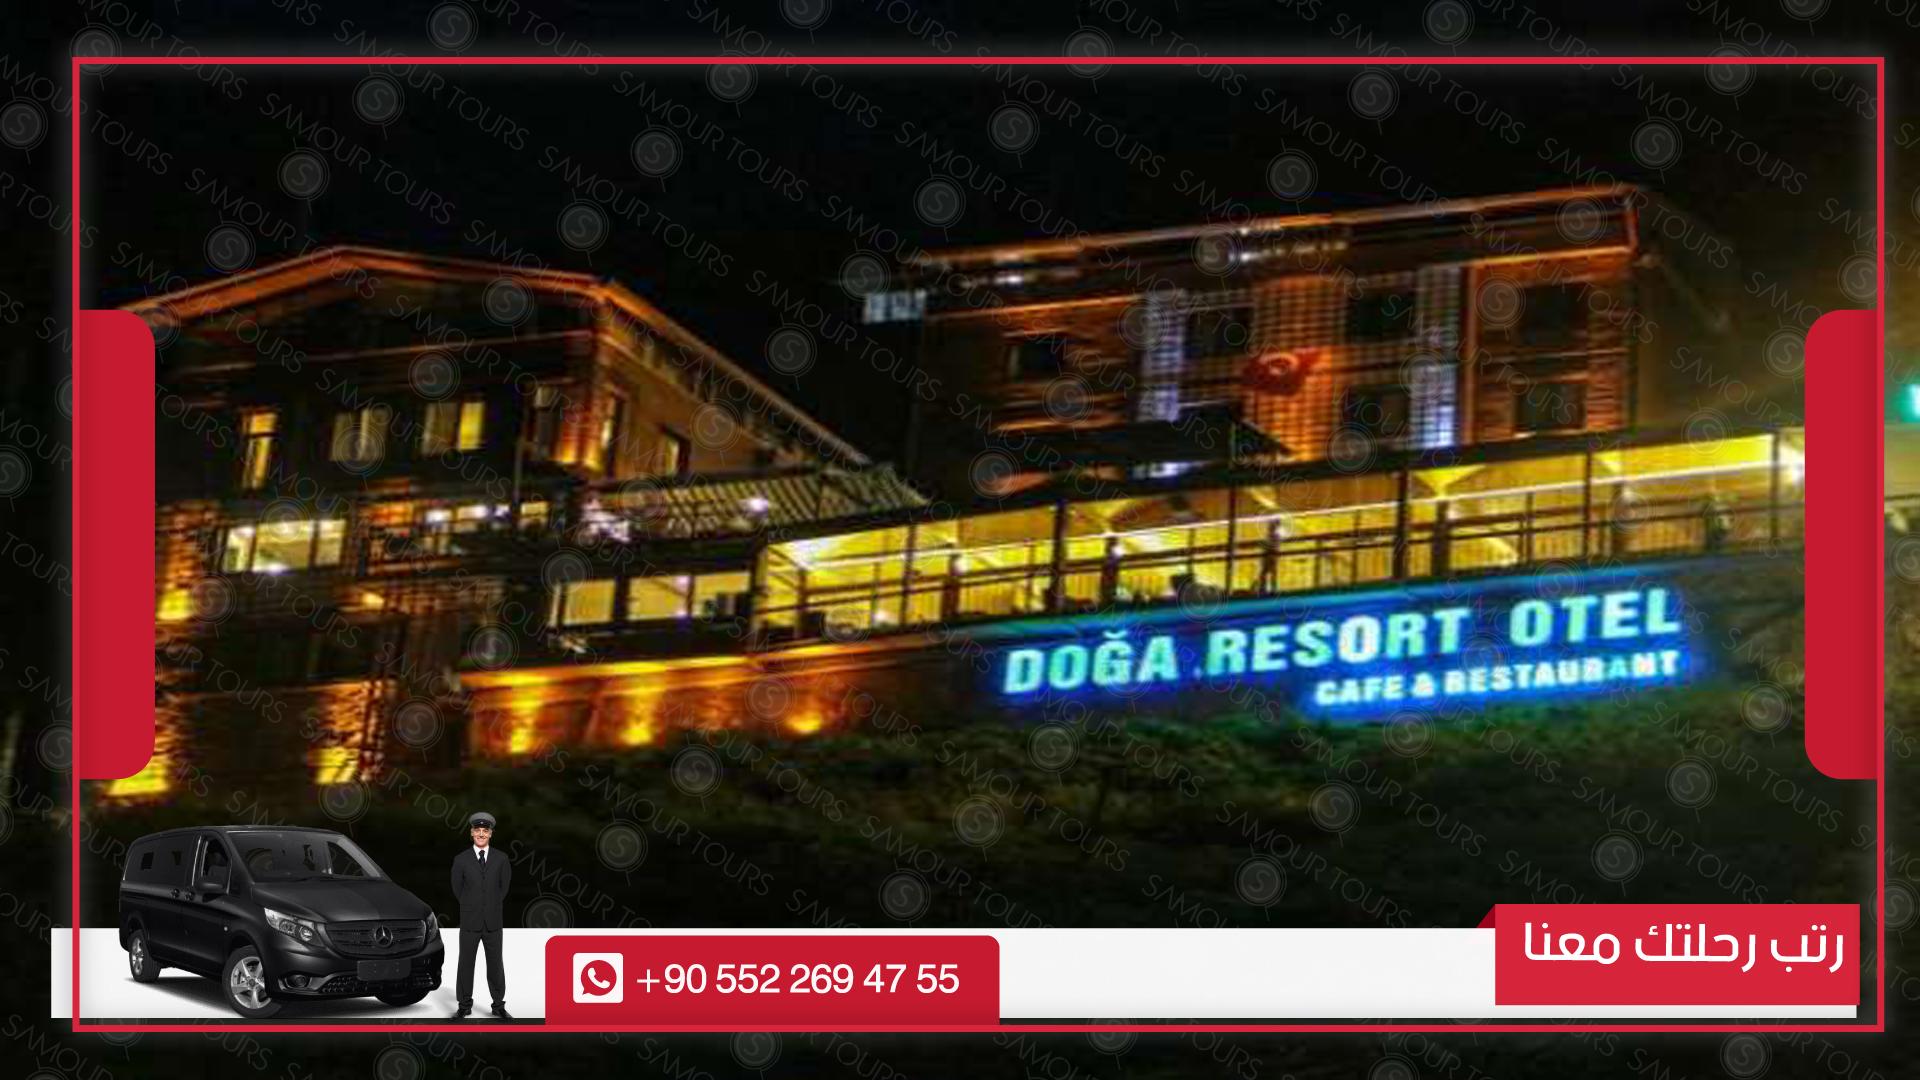 فندق آيدر دوغا ريزورت